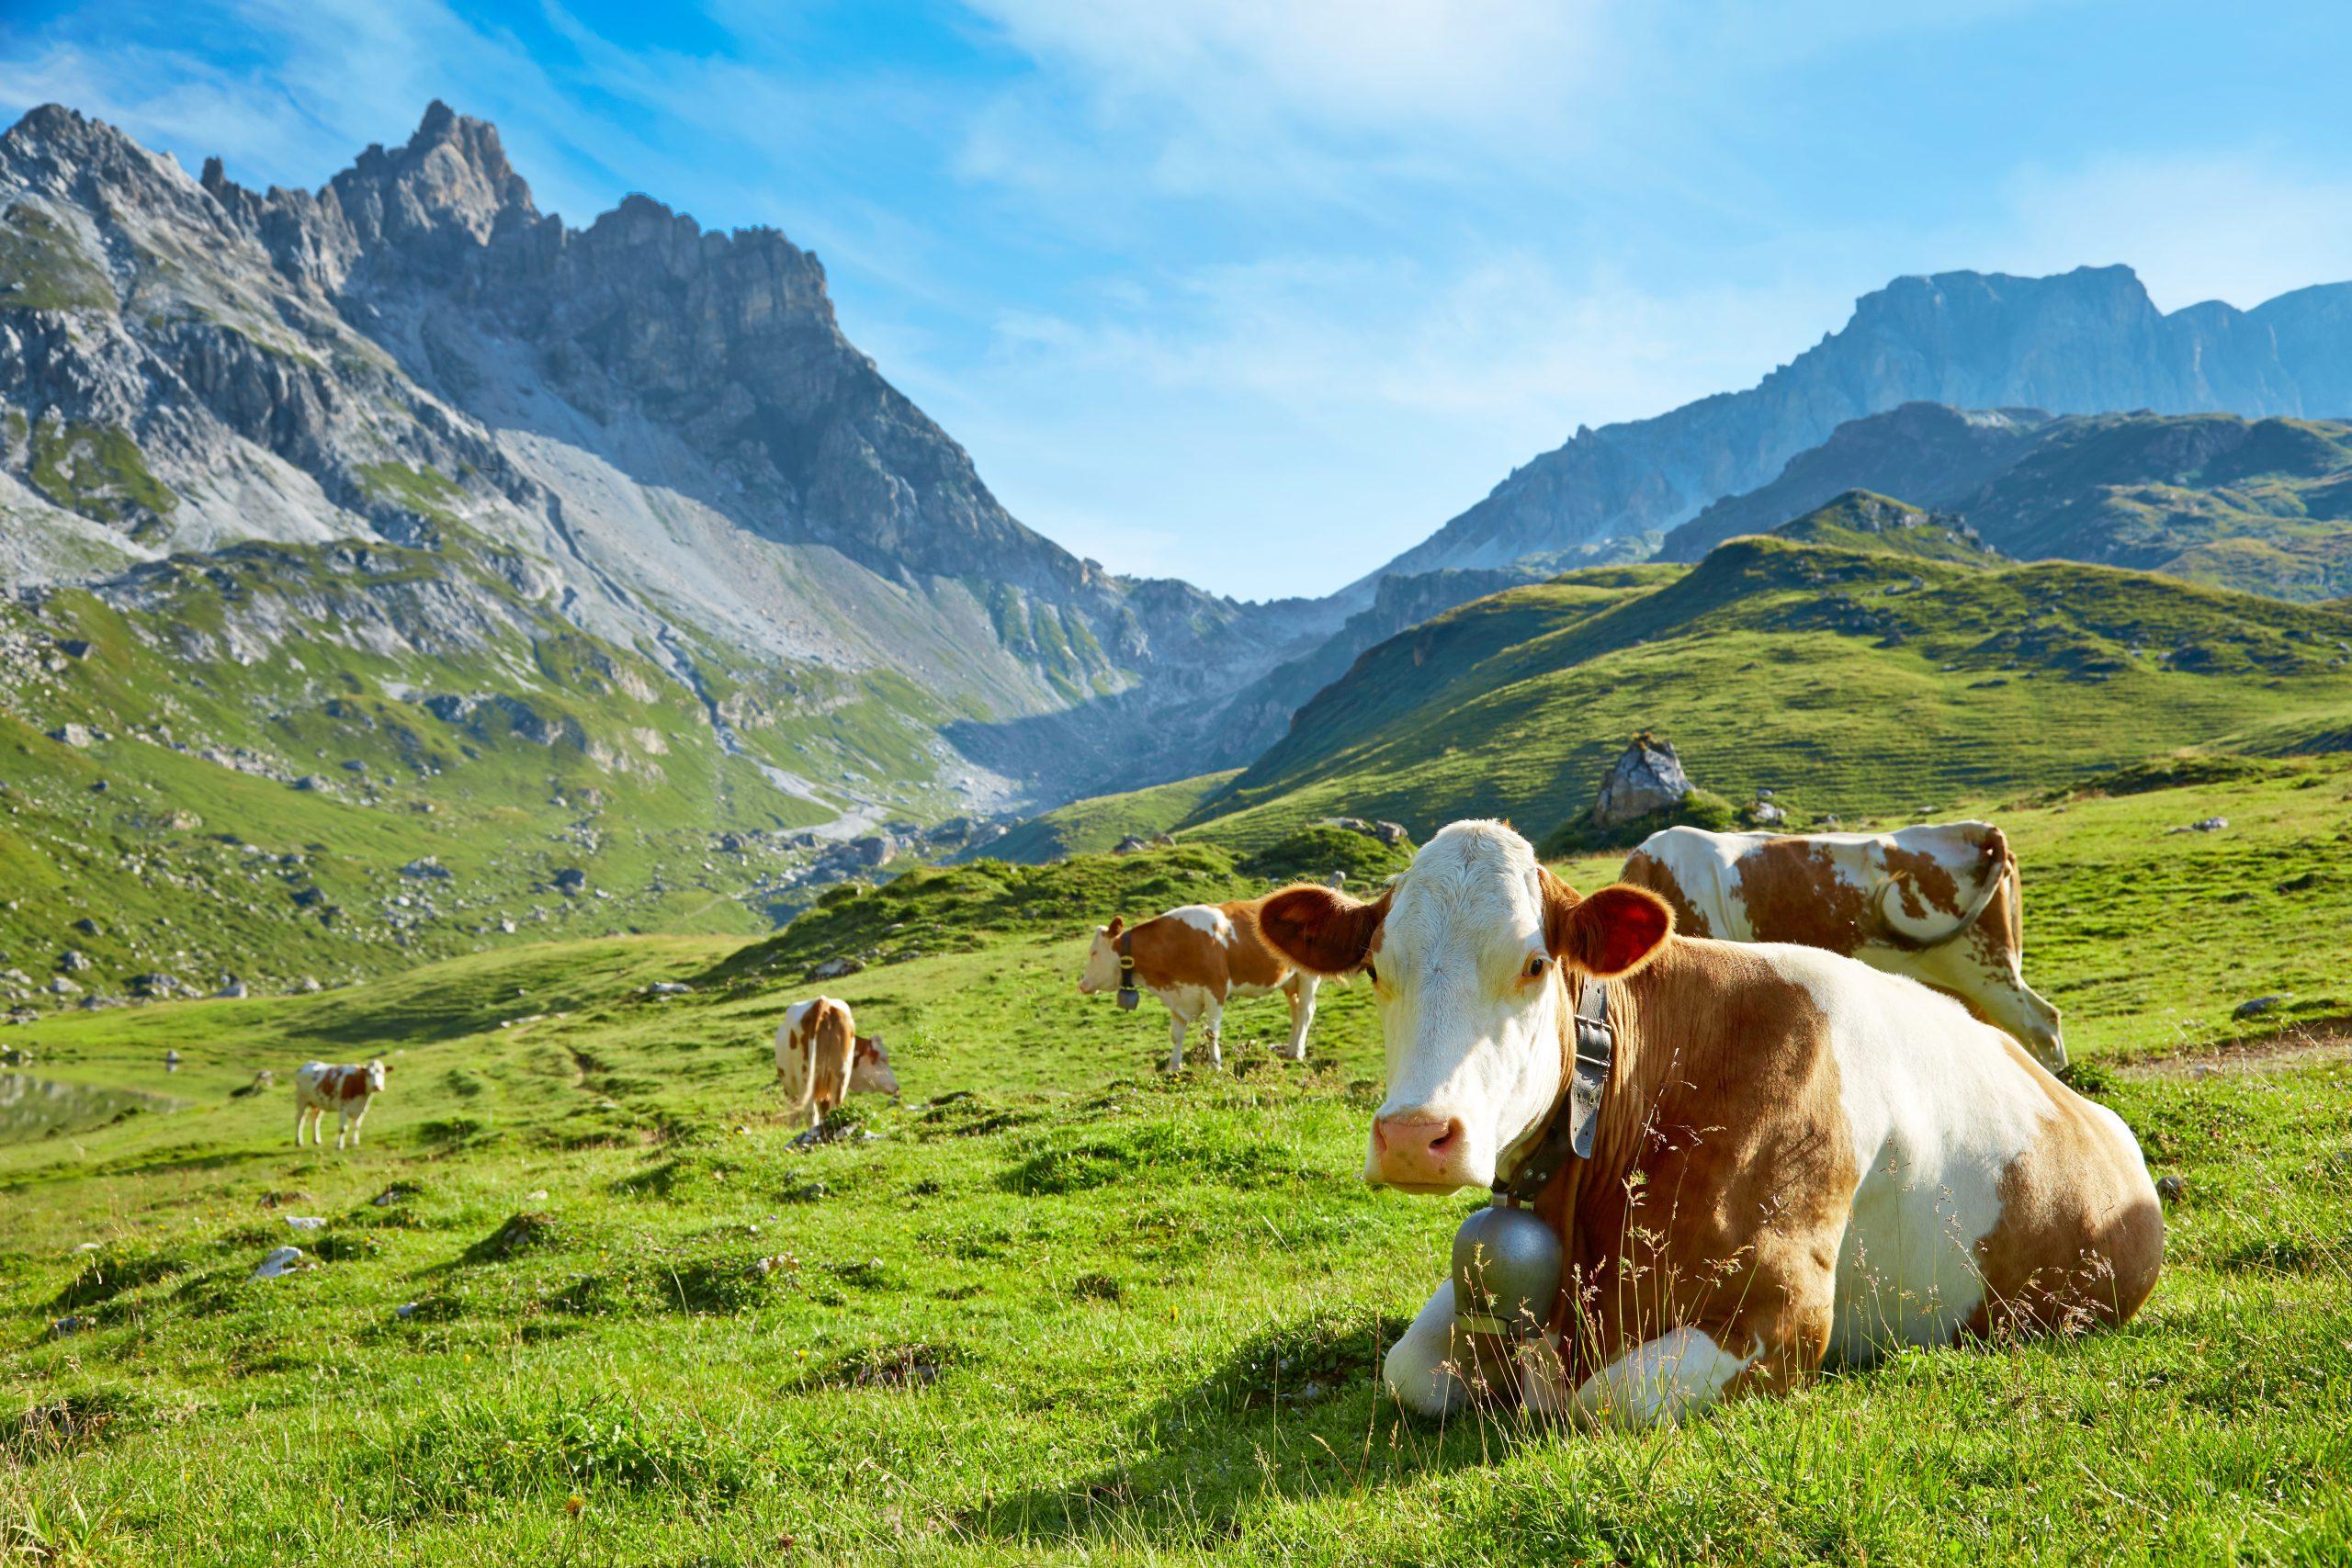 Alm in Switzerland